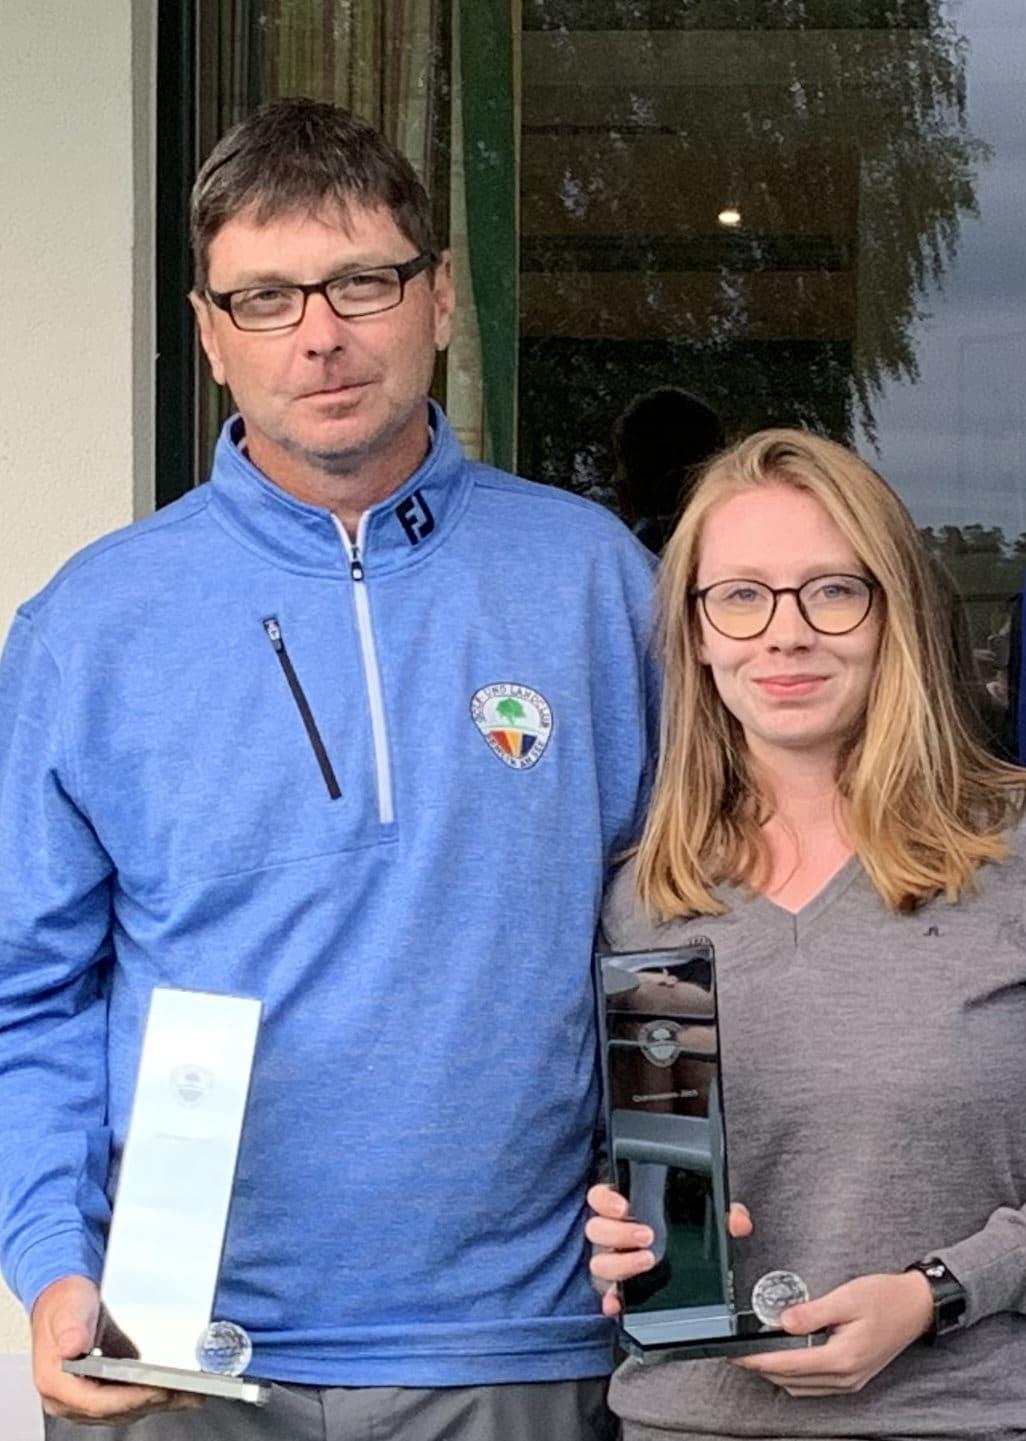 Andreas Tautz und Luisa Tautz gewinnen die Clubmeisterschaften 2019 im Golf- und Landclub Semlin am See